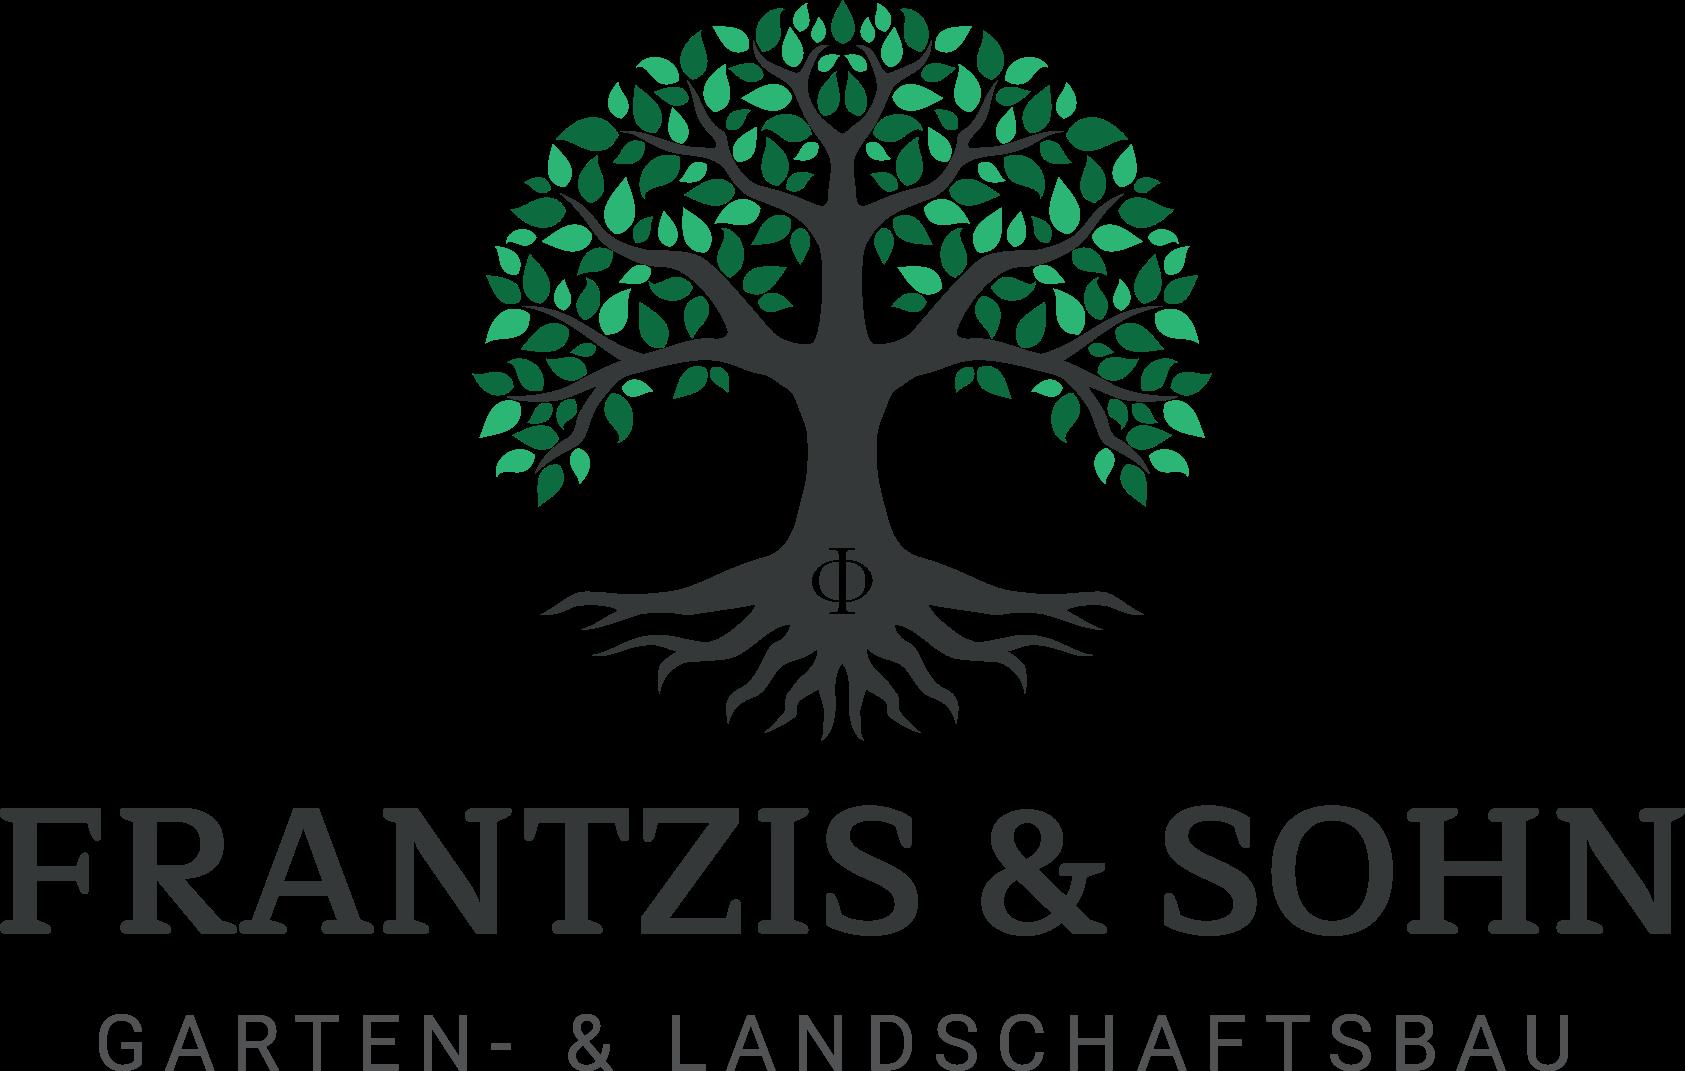 Garten- & Landschaftsbau in Kaltenkirchen und Umgebung